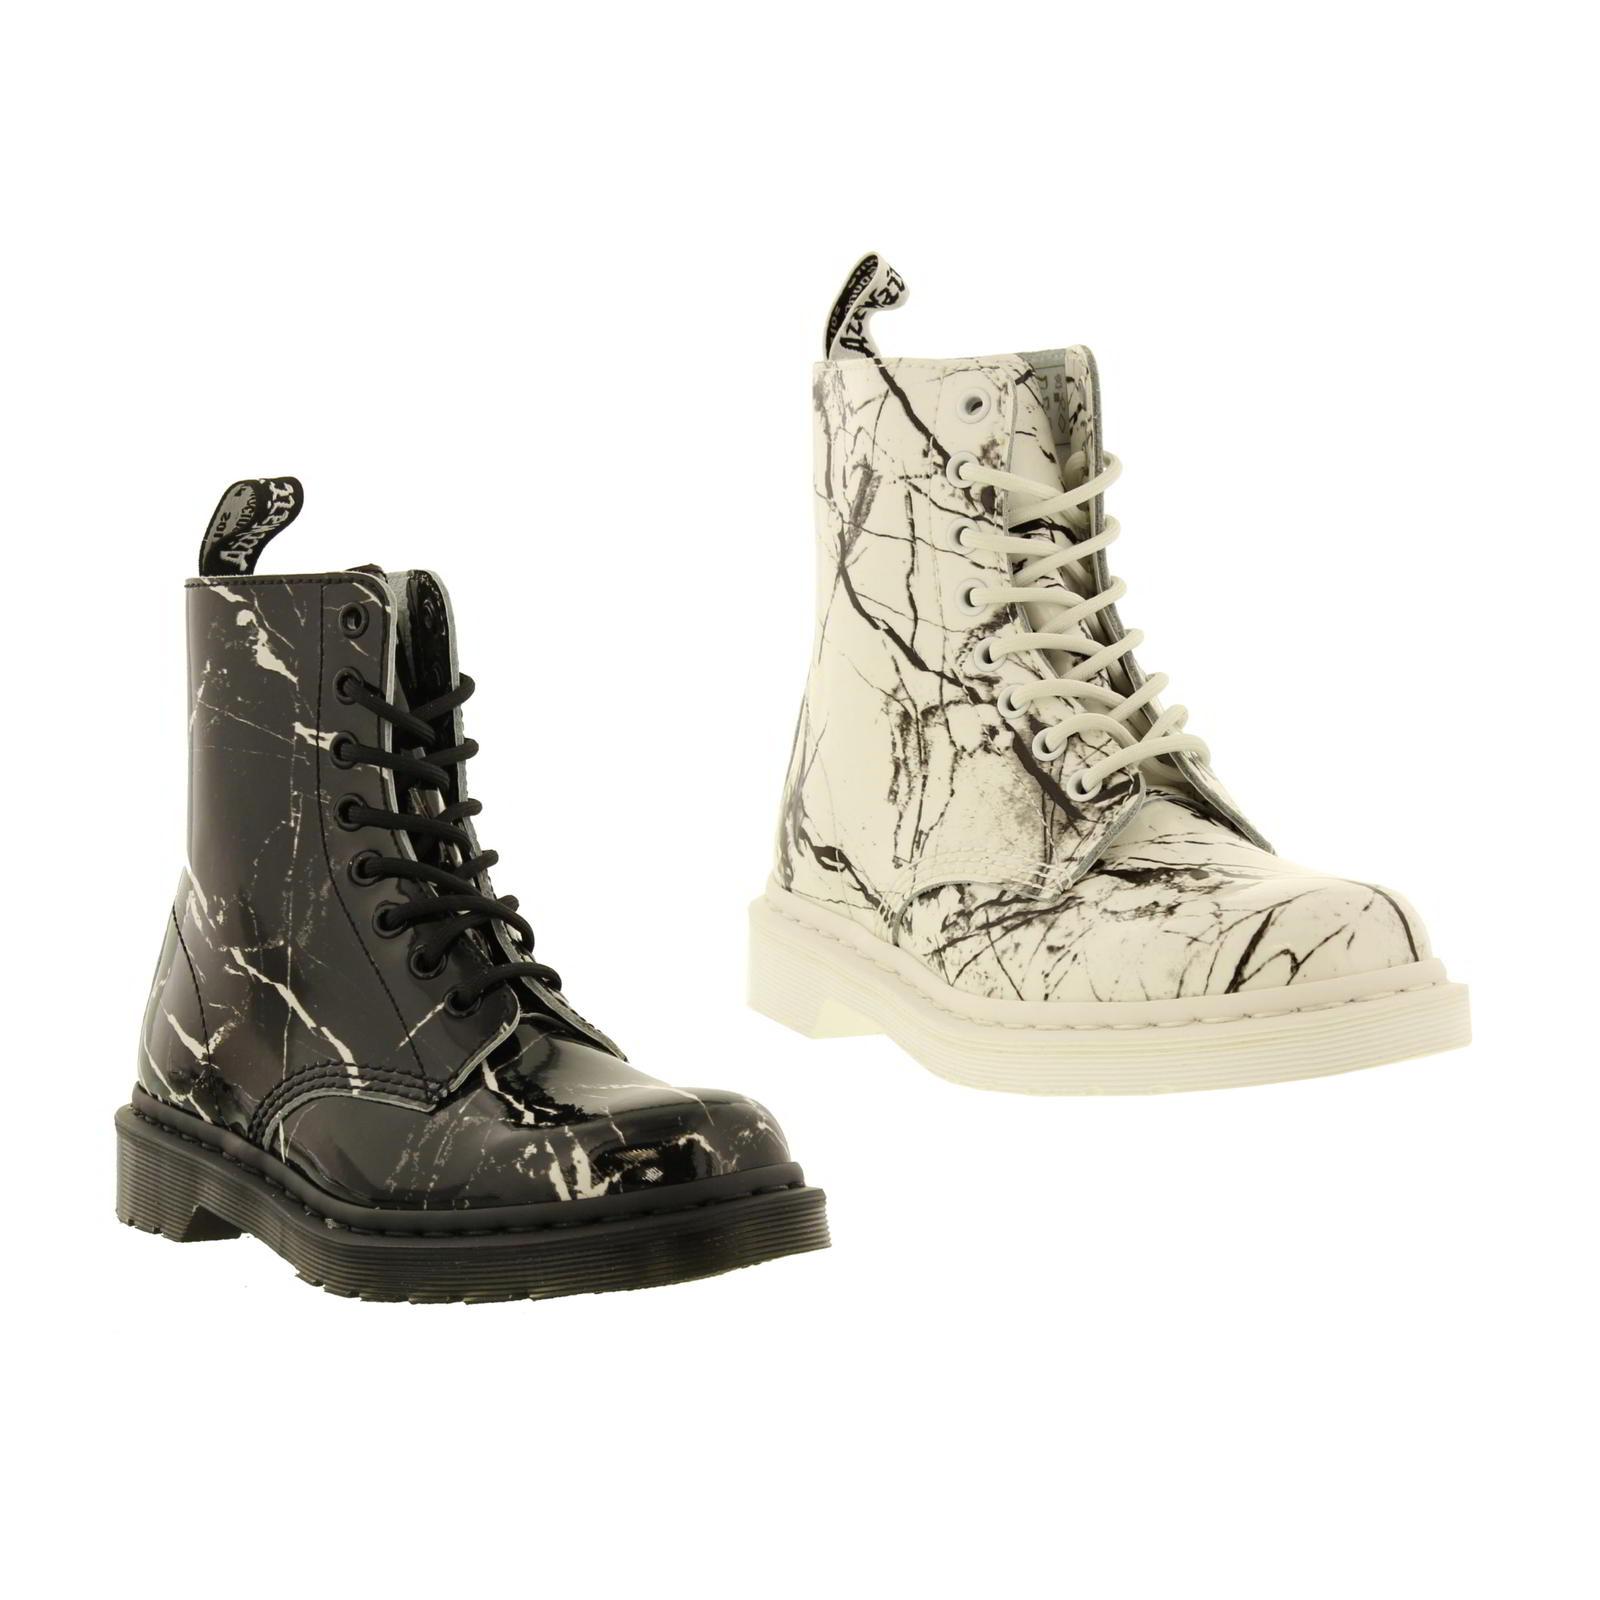 Shiekh Shoes Job Reviews